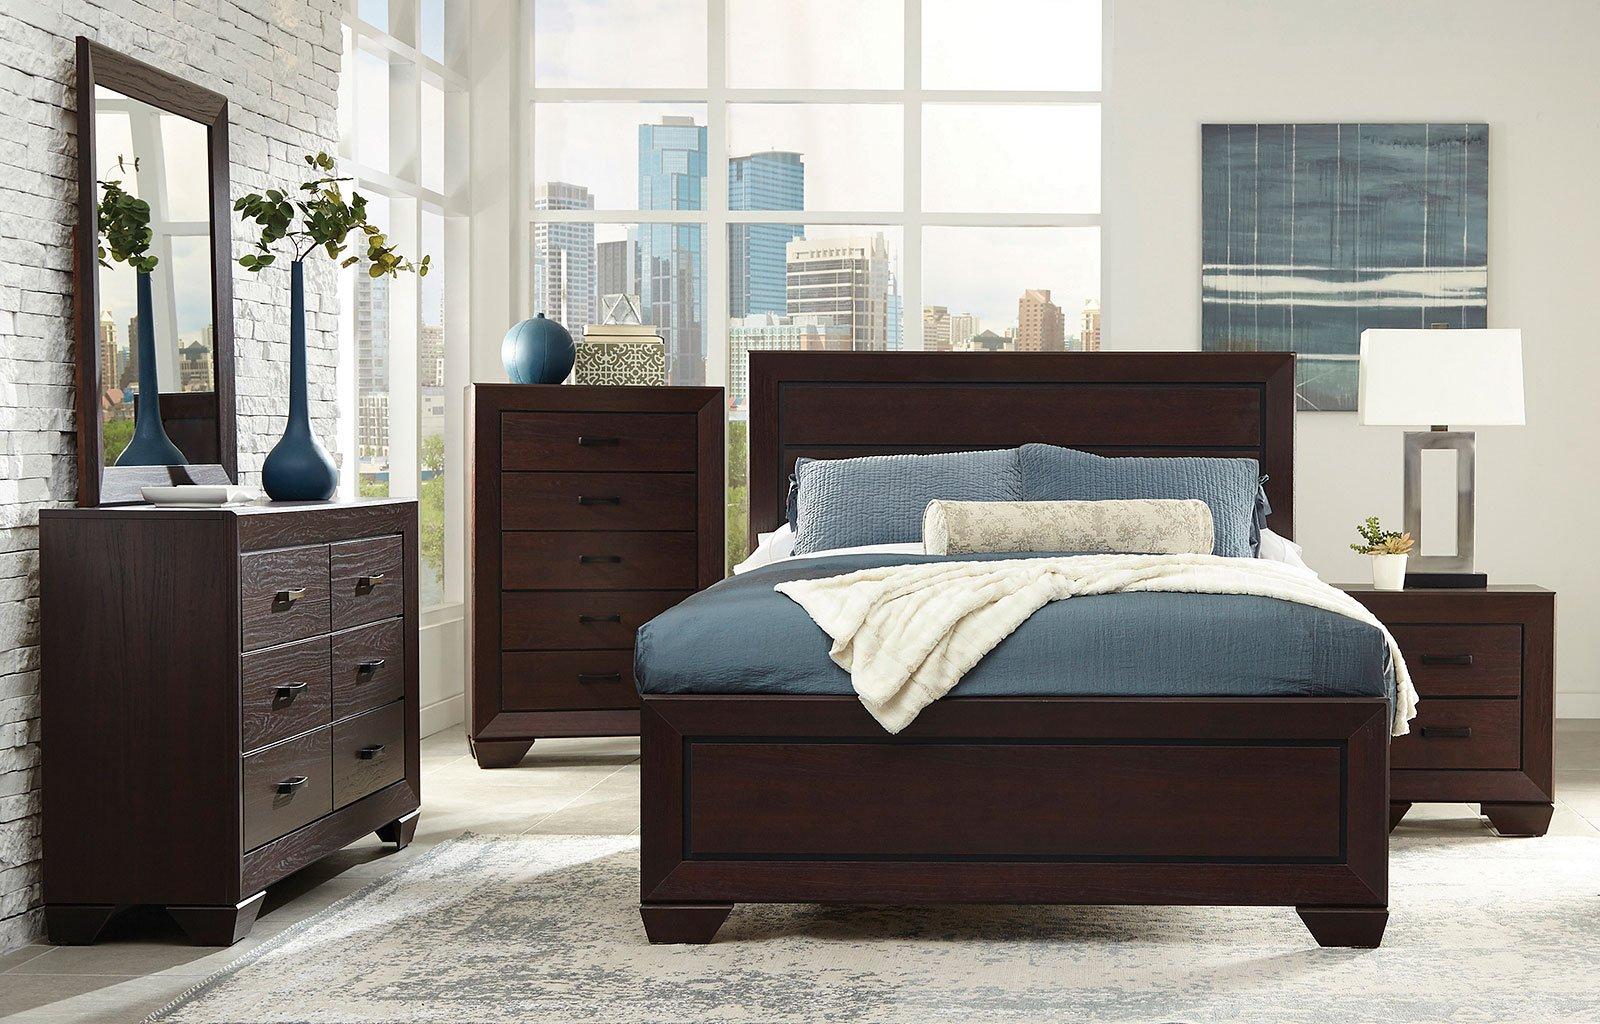 Fenbrook panel bedroom set coaster furniture 1 reviews furniture cart for Coaster bedroom furniture reviews